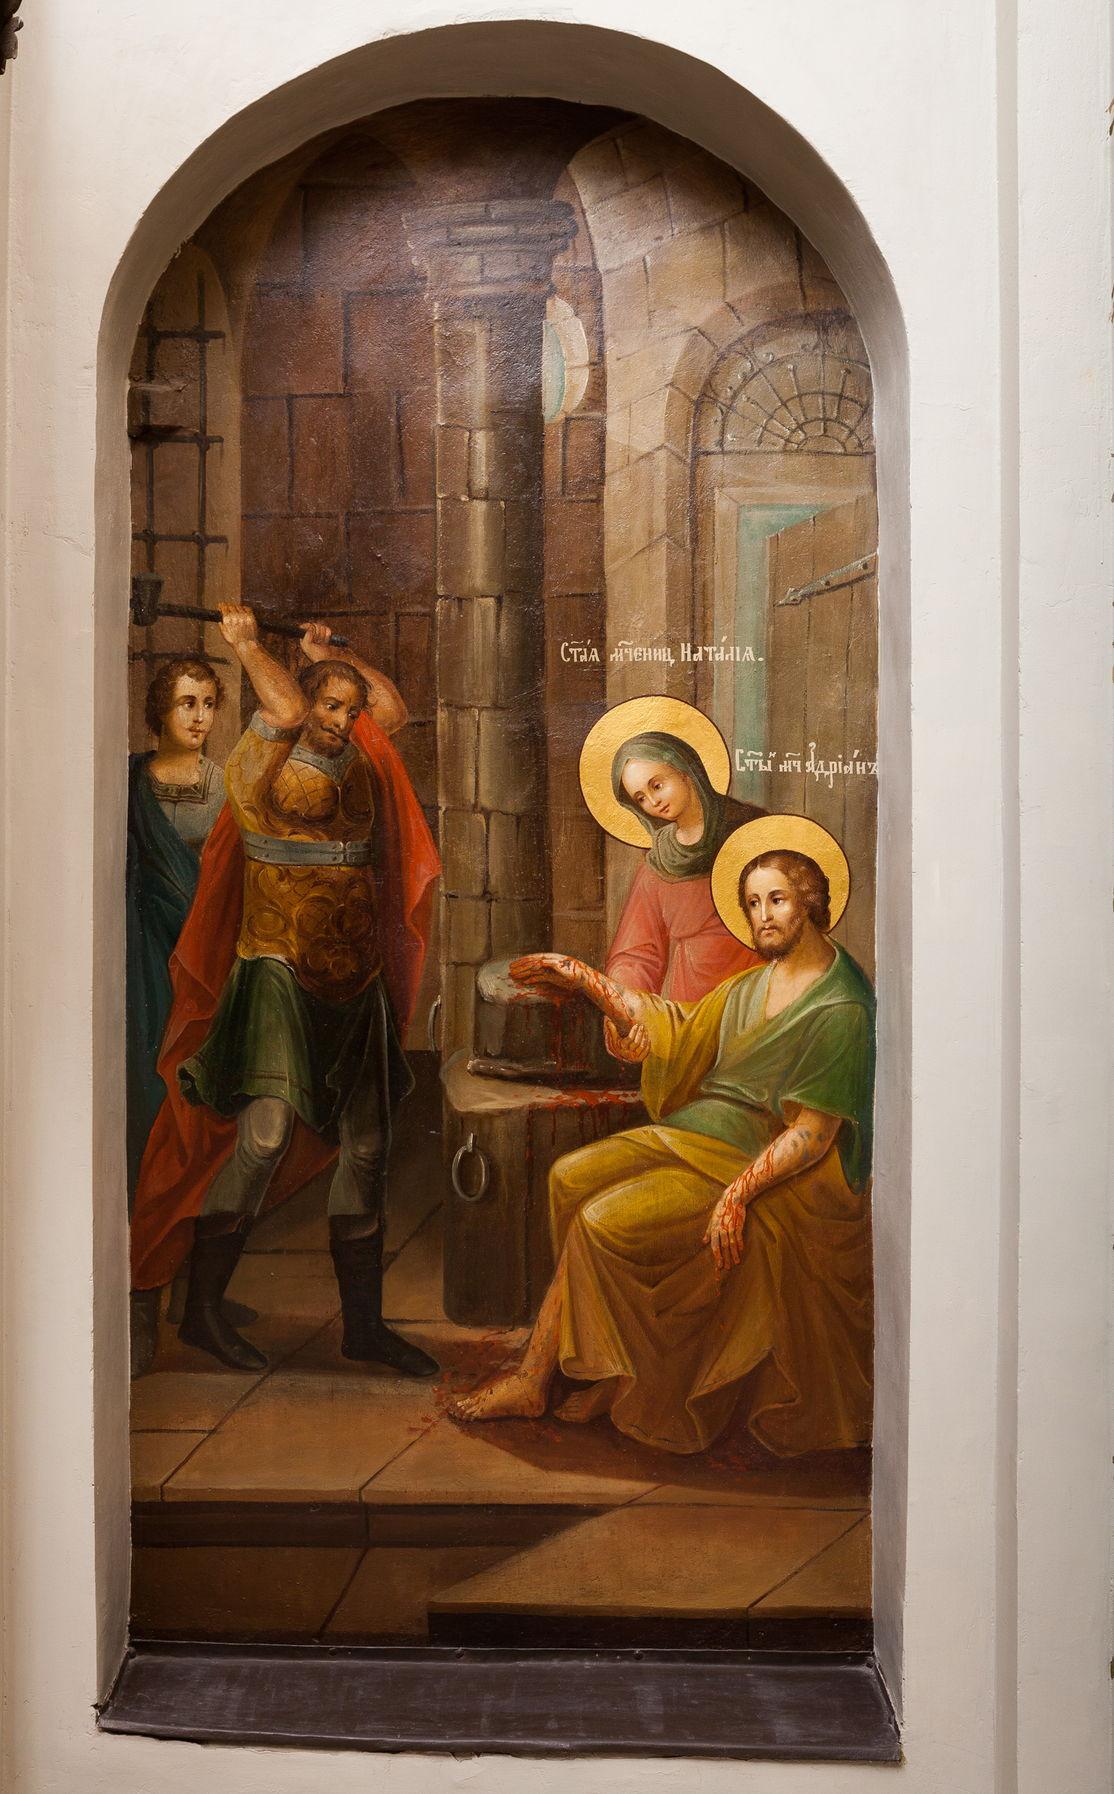 Святые мученики Адриан и Наталия. Настенная роспись в церкви Киприана и Иустины